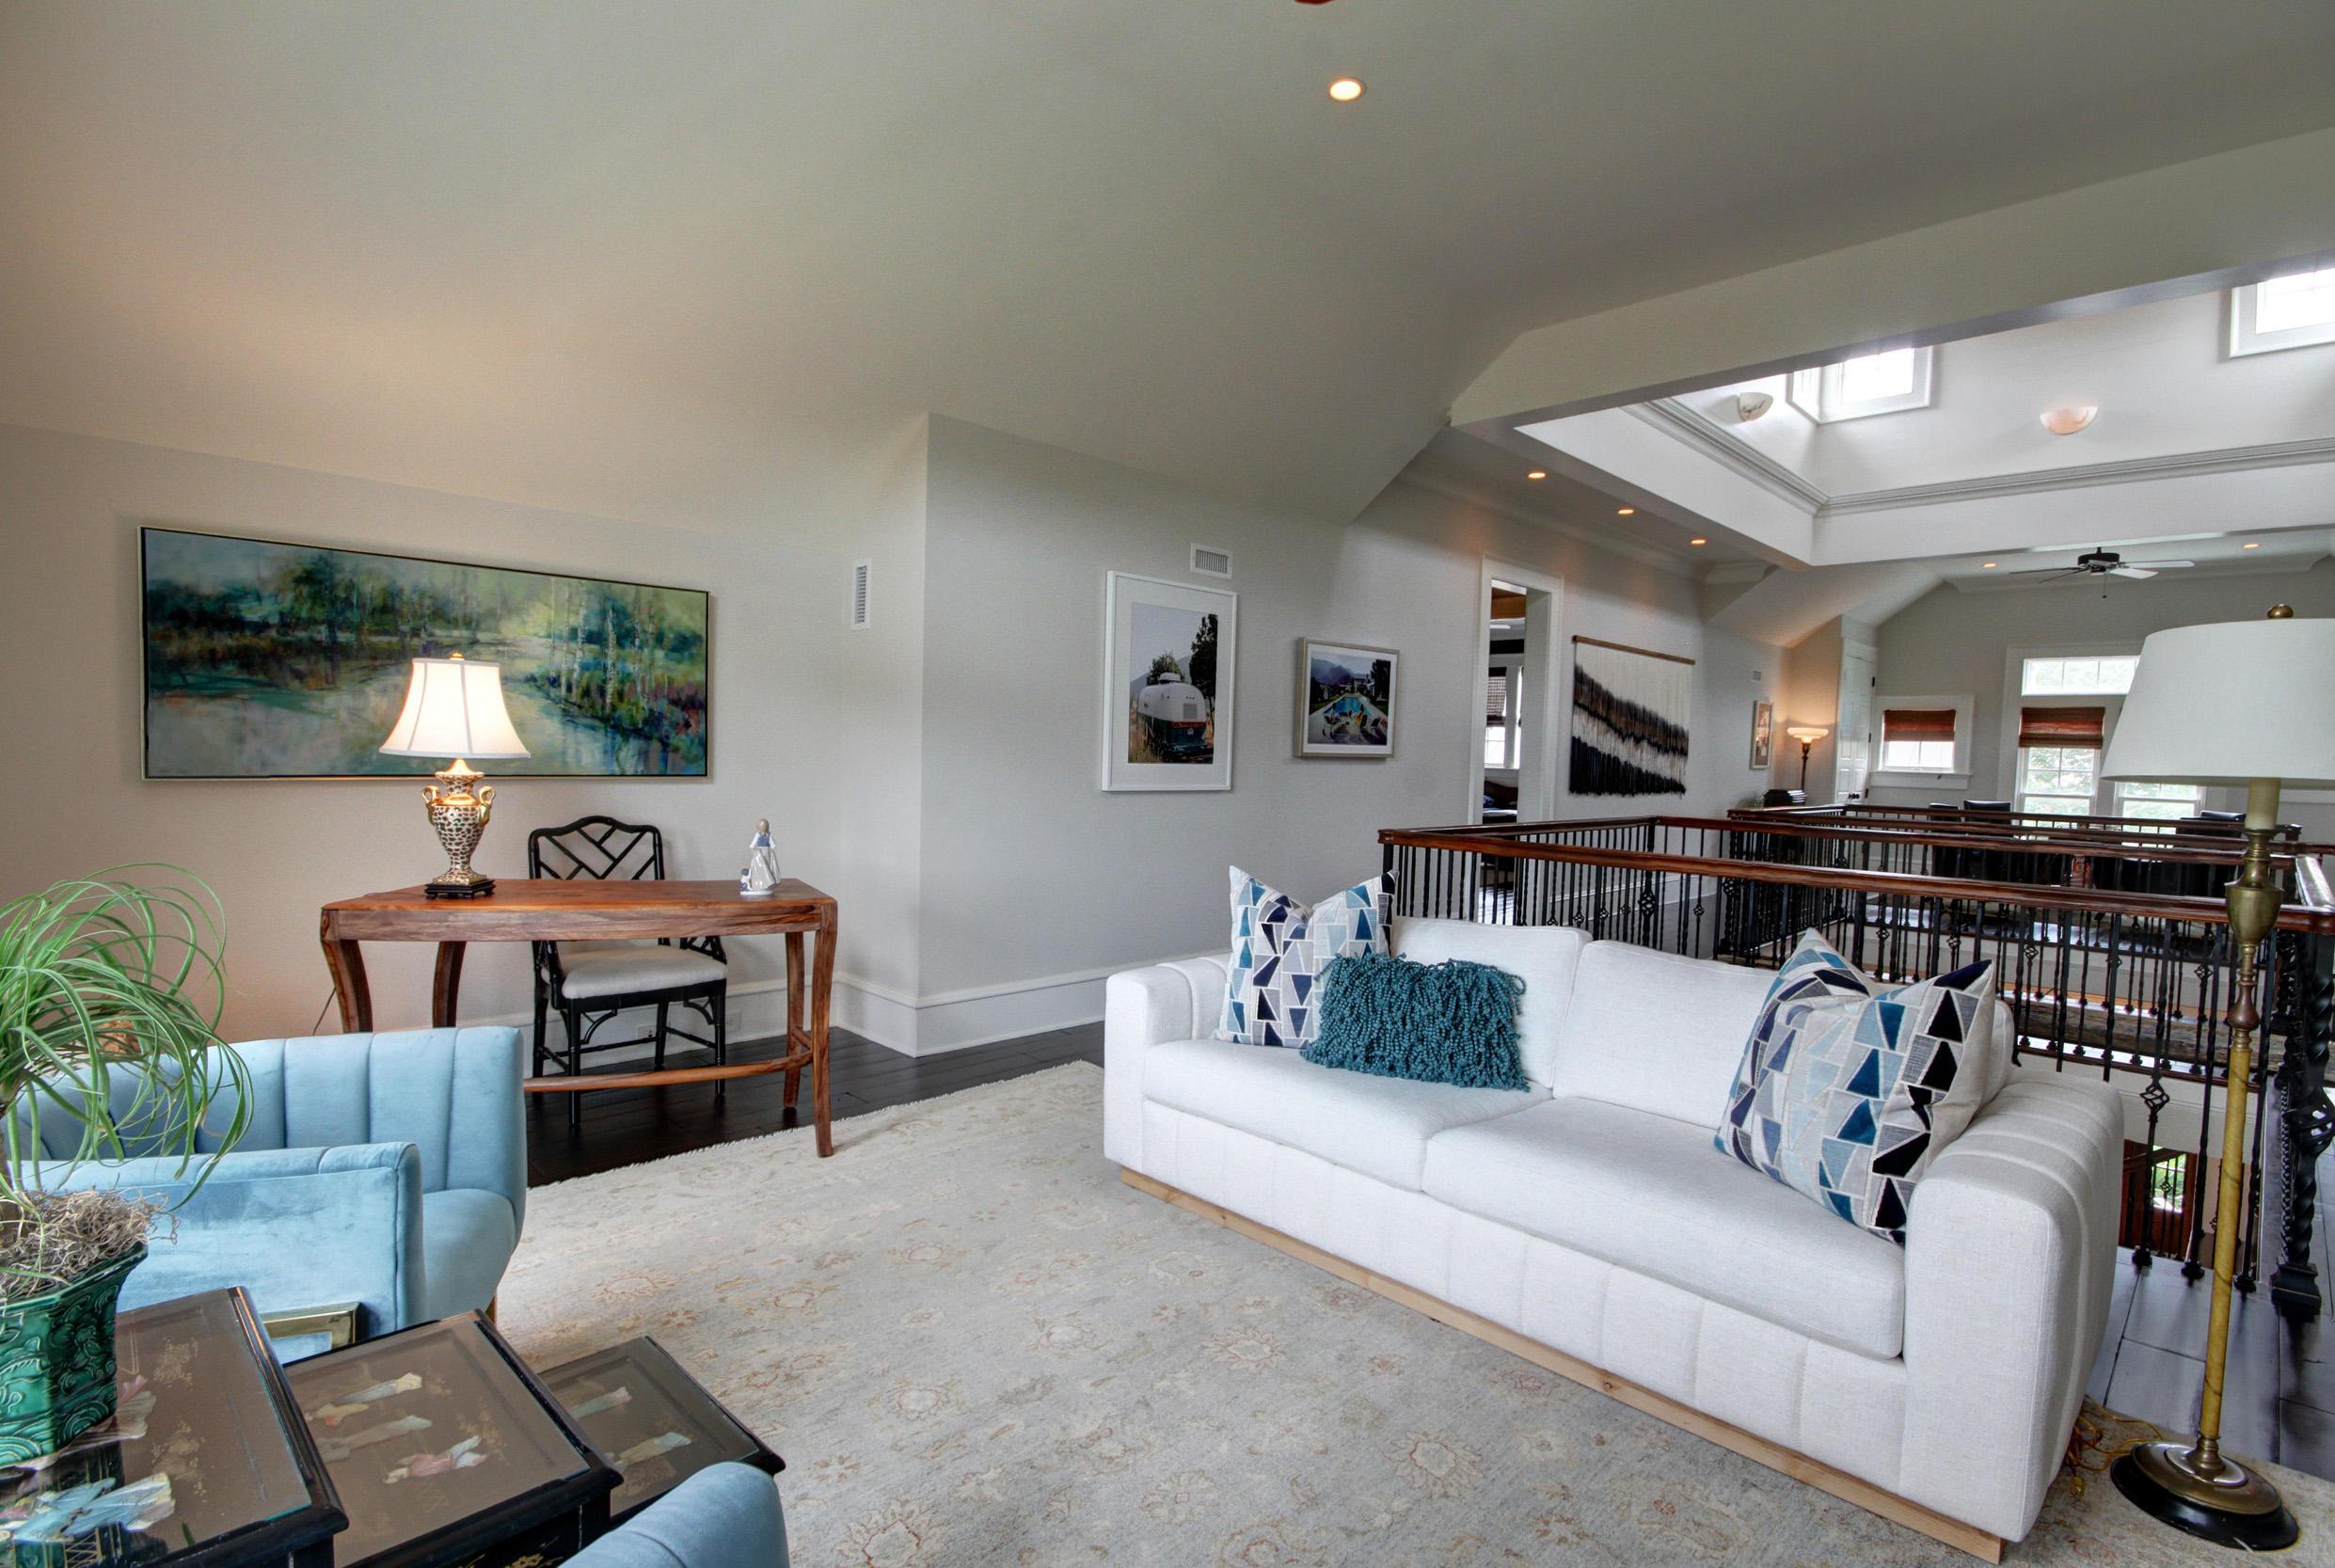 Belle Hall Homes For Sale - 821 Bridgetown Pass, Mount Pleasant, SC - 15